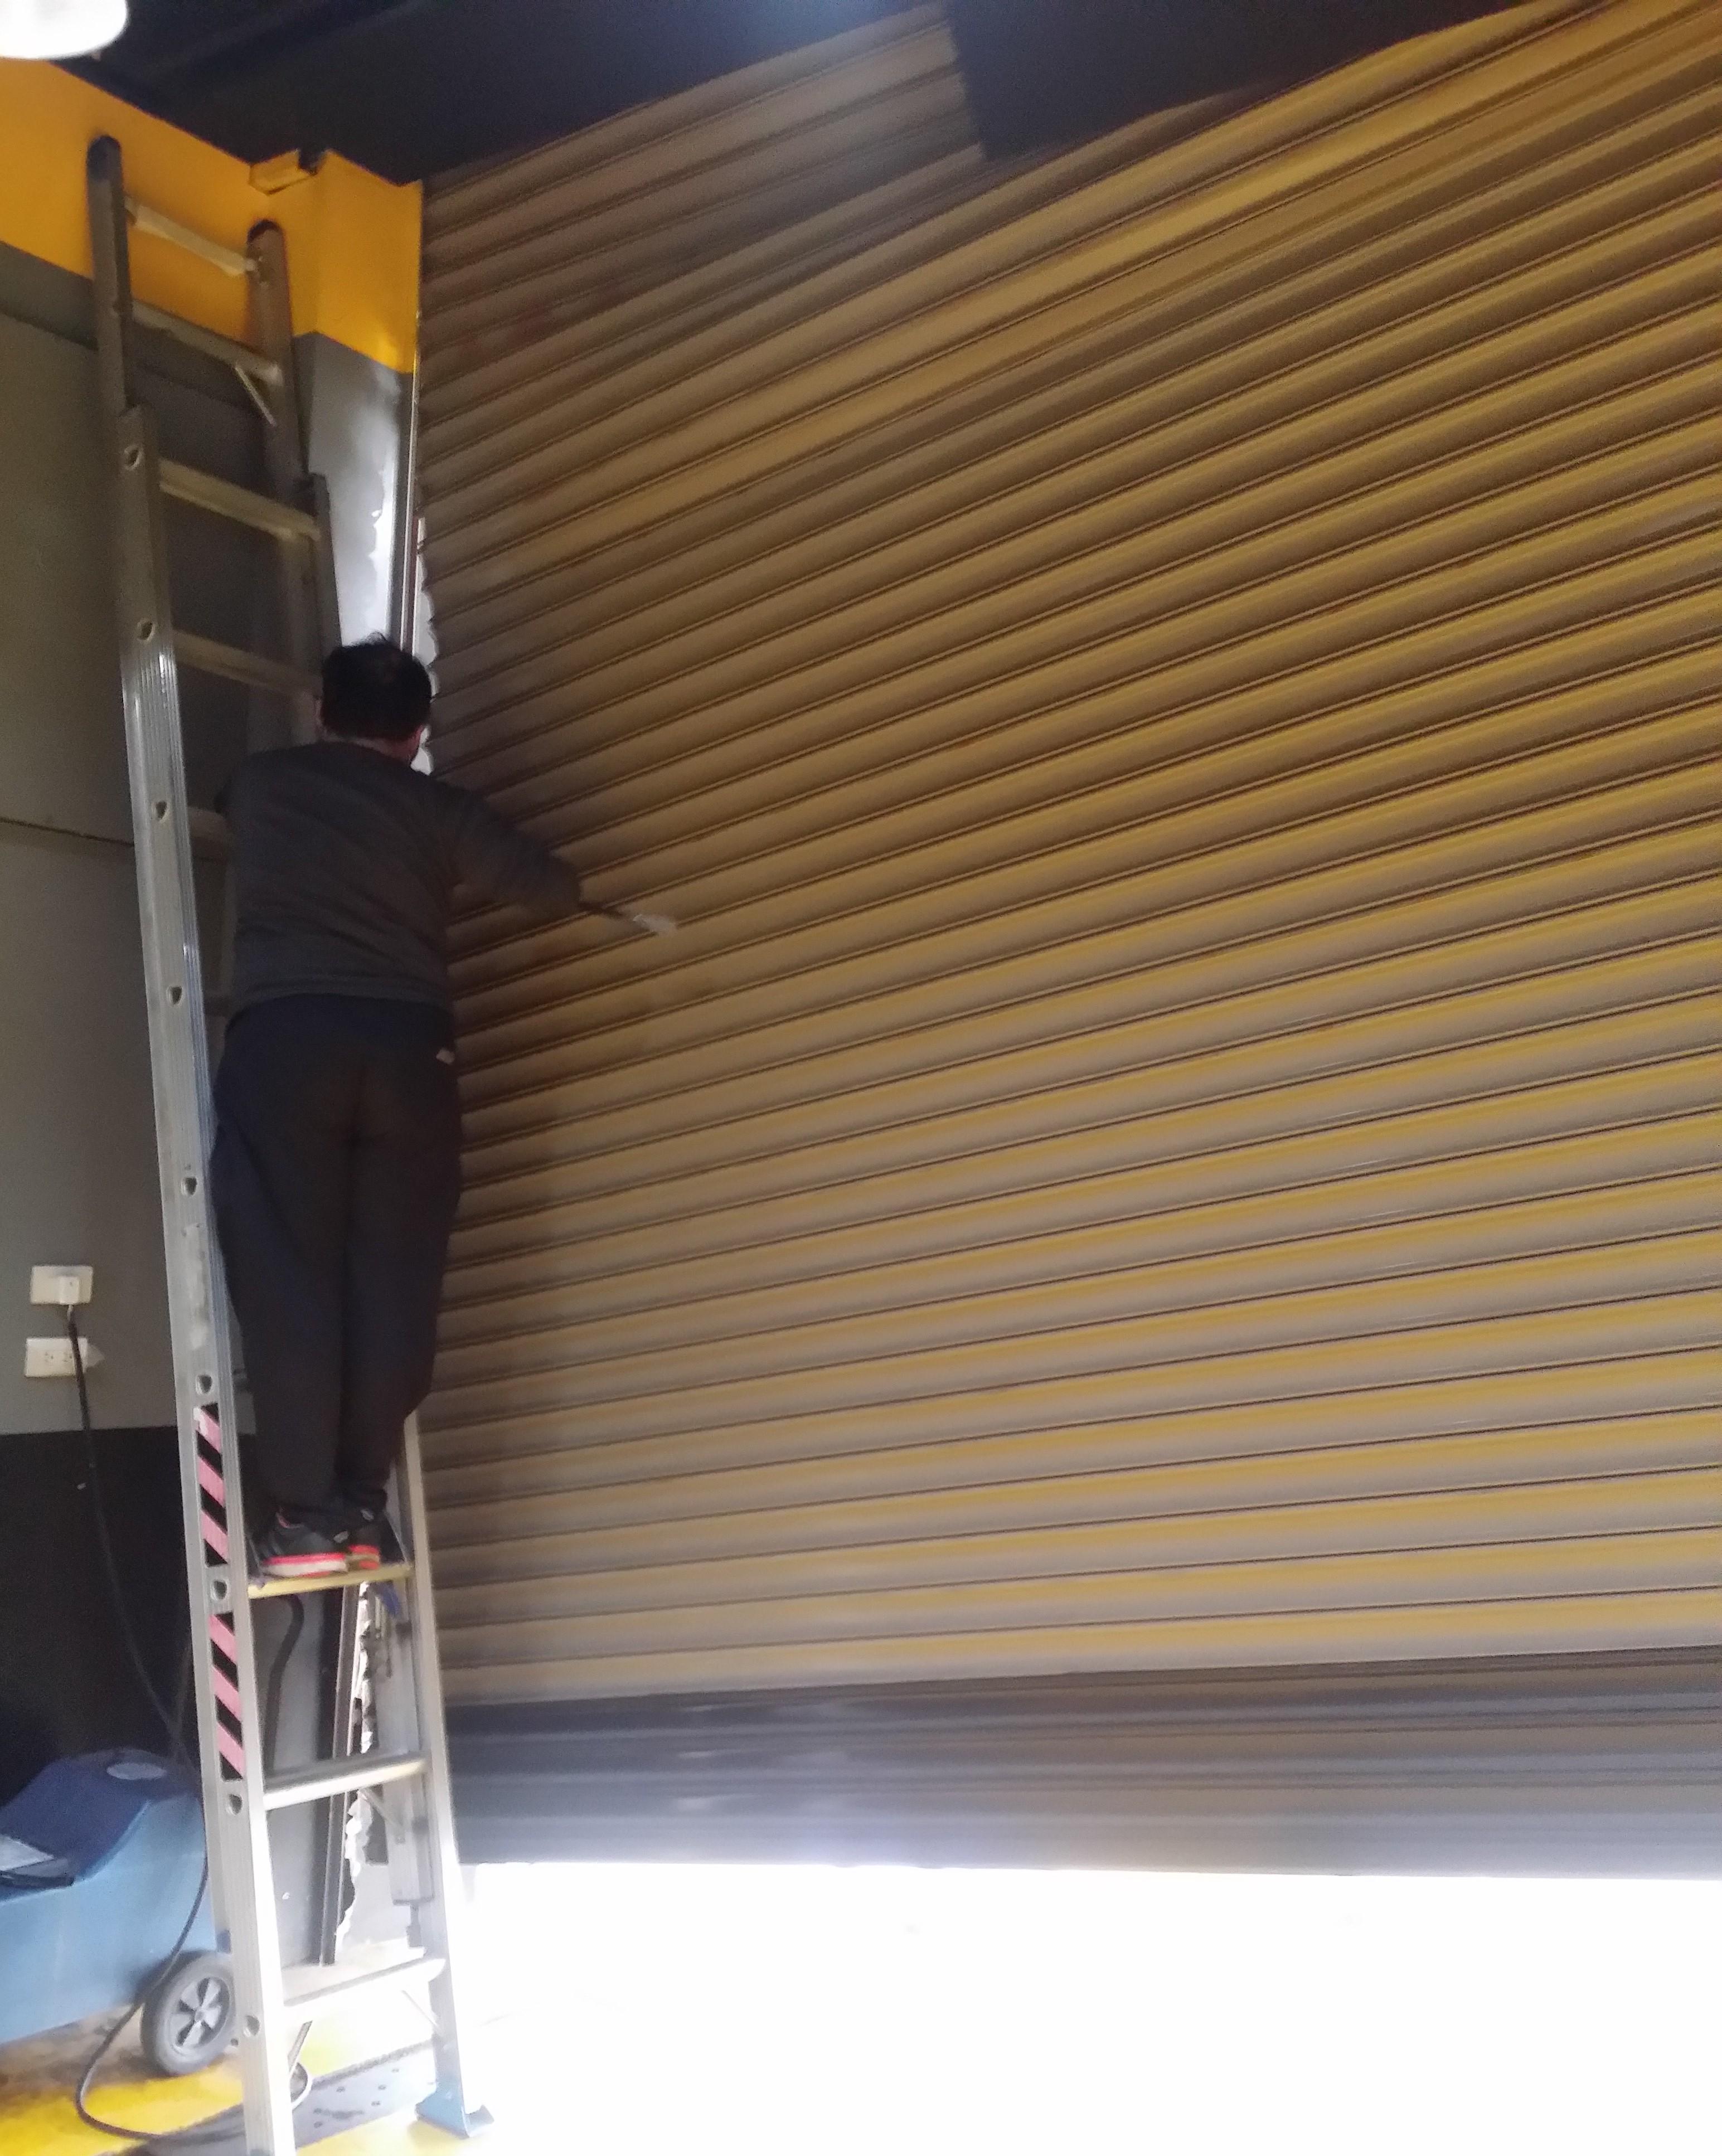 修理鐵門24h修鐵捲門推薦_鐵捲門維修/電動捲門維修24h_全年無休_價格實在